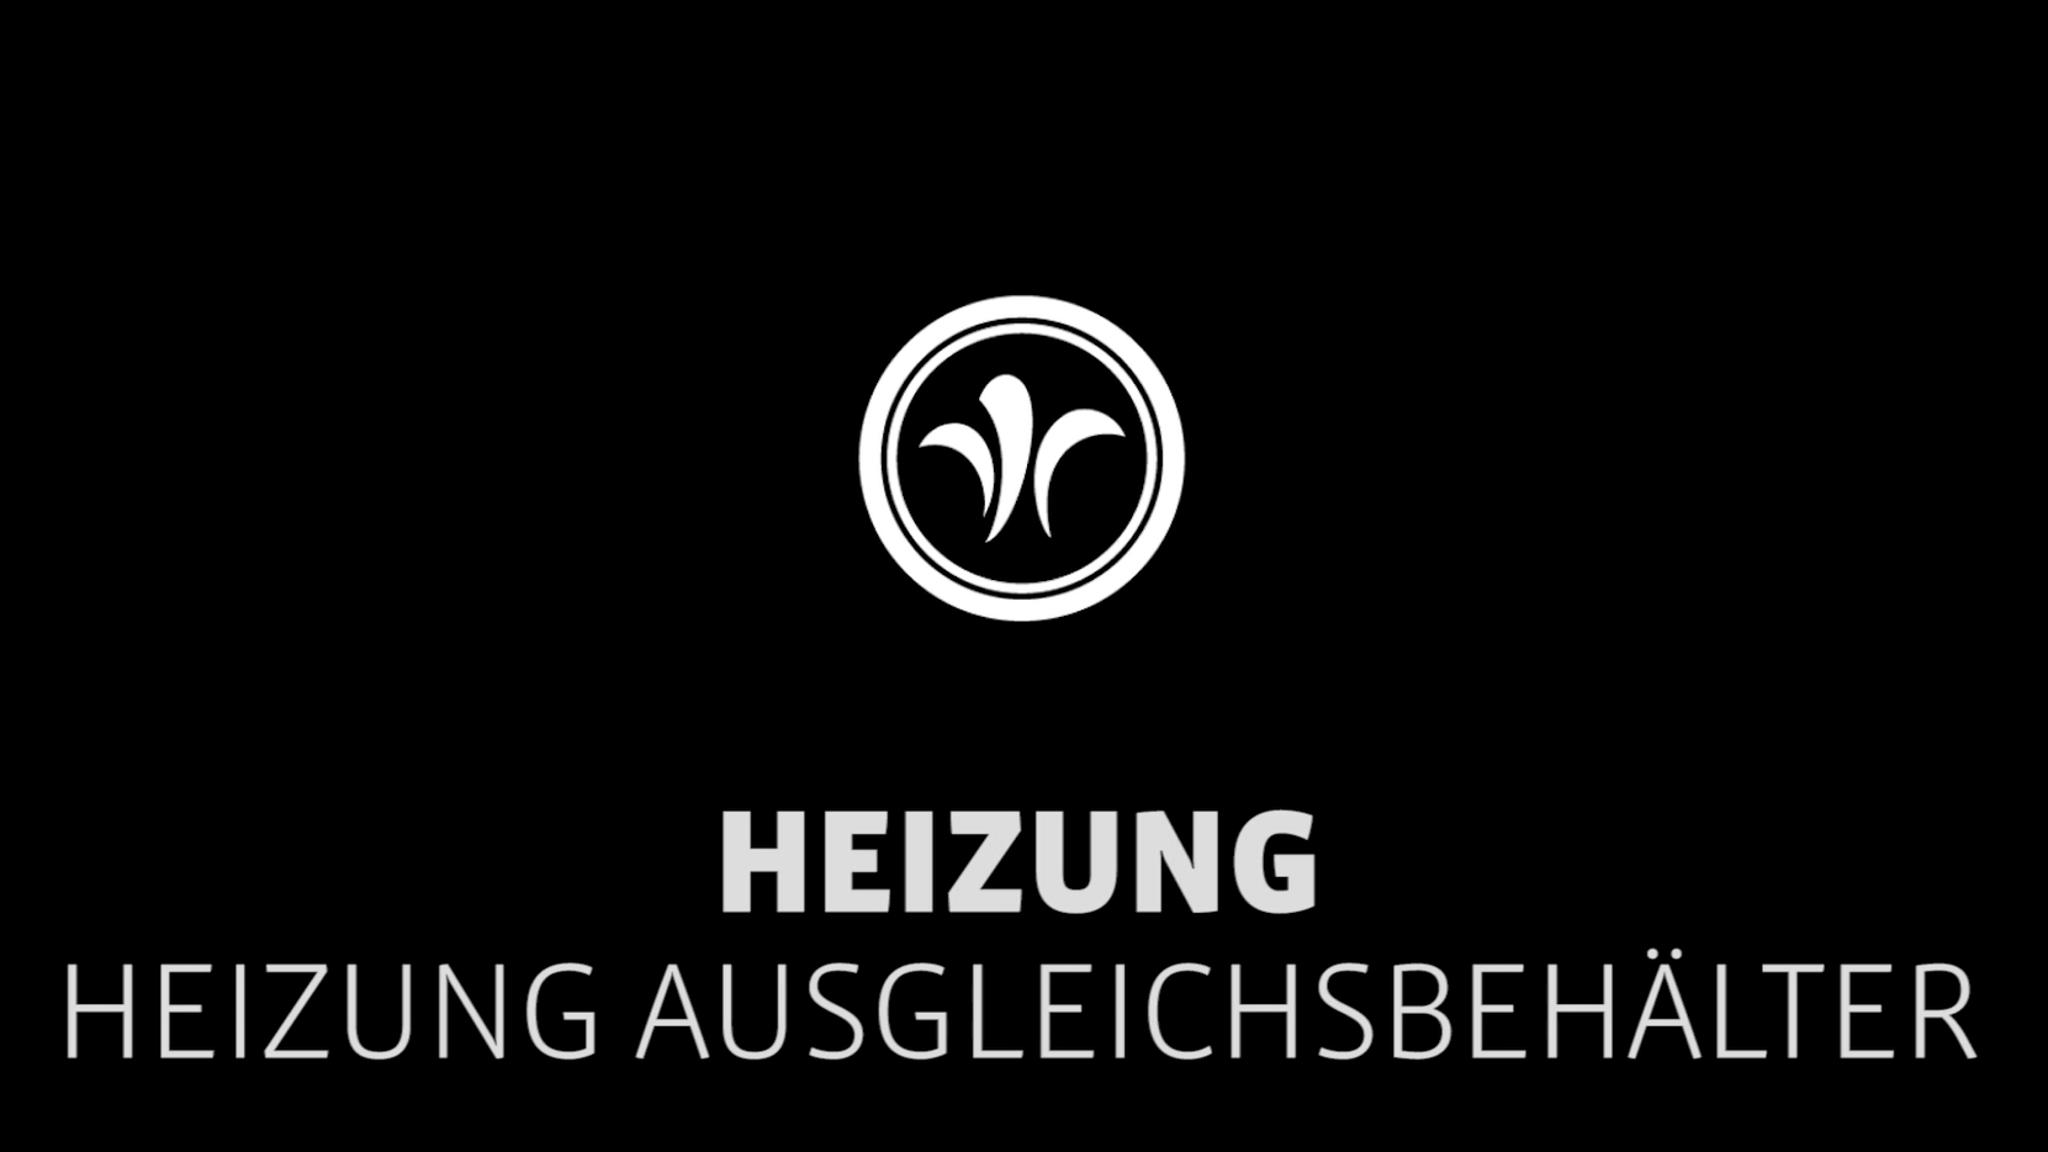 Heizung-Ausgleichsbehälter // Niesmann+Bischoff – Luxus Wohnmobil (Modell FLAIR) // 2019 // H3